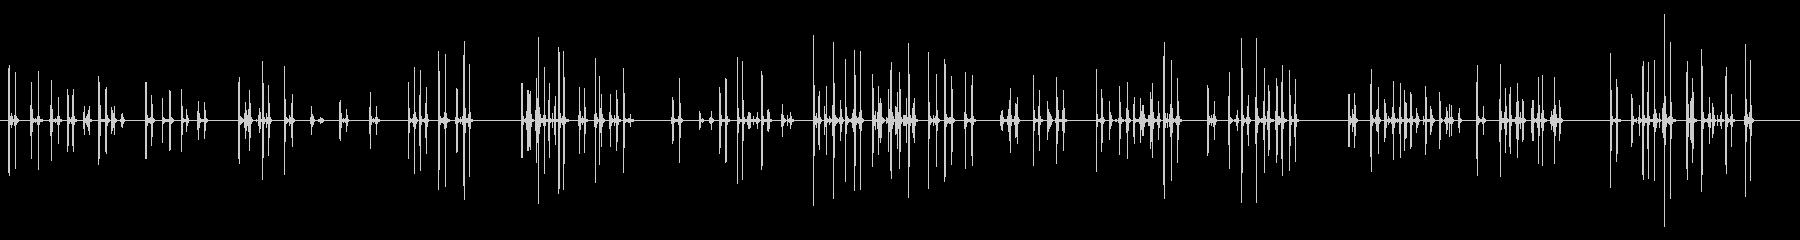 PC キーボード04-01(中)の未再生の波形